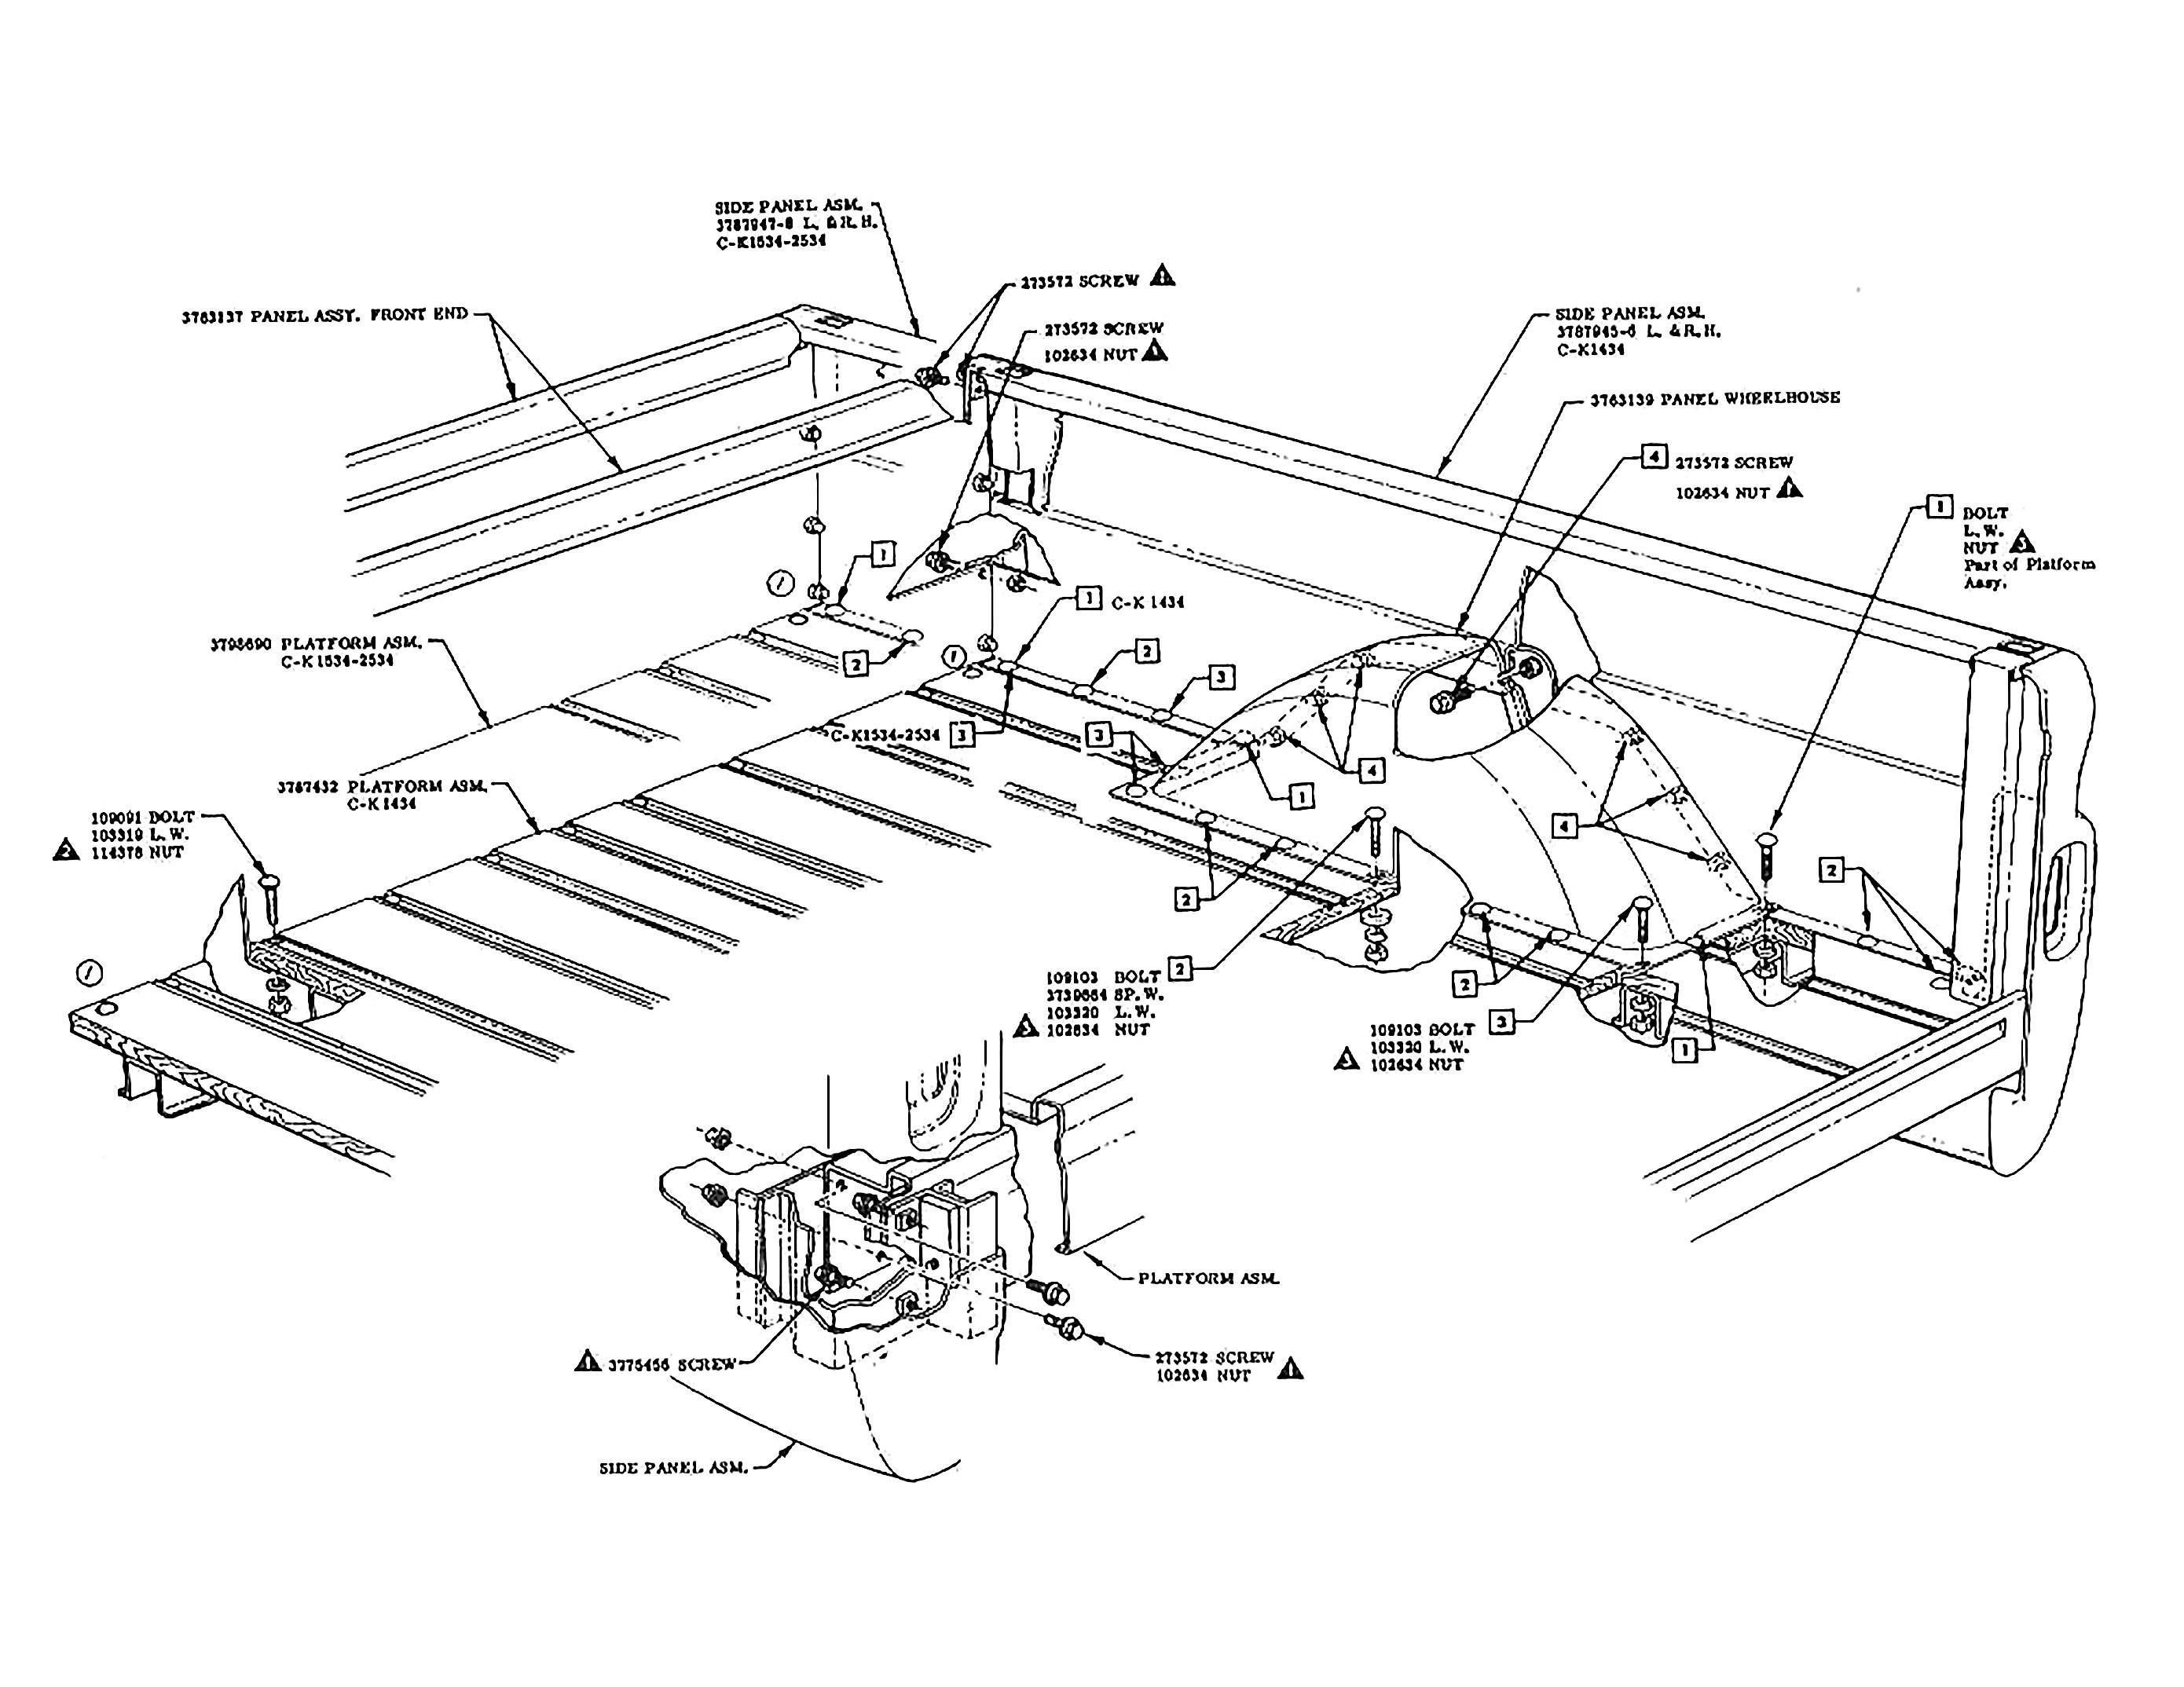 Chevy Silverado Parts Diagram Bed Fleetside Diagram 60s Chevy C10 Body & Misc Of Chevy Silverado Parts Diagram Suburban Parts Diagram Besides Gm Bulkhead Connector Wiring Diagram